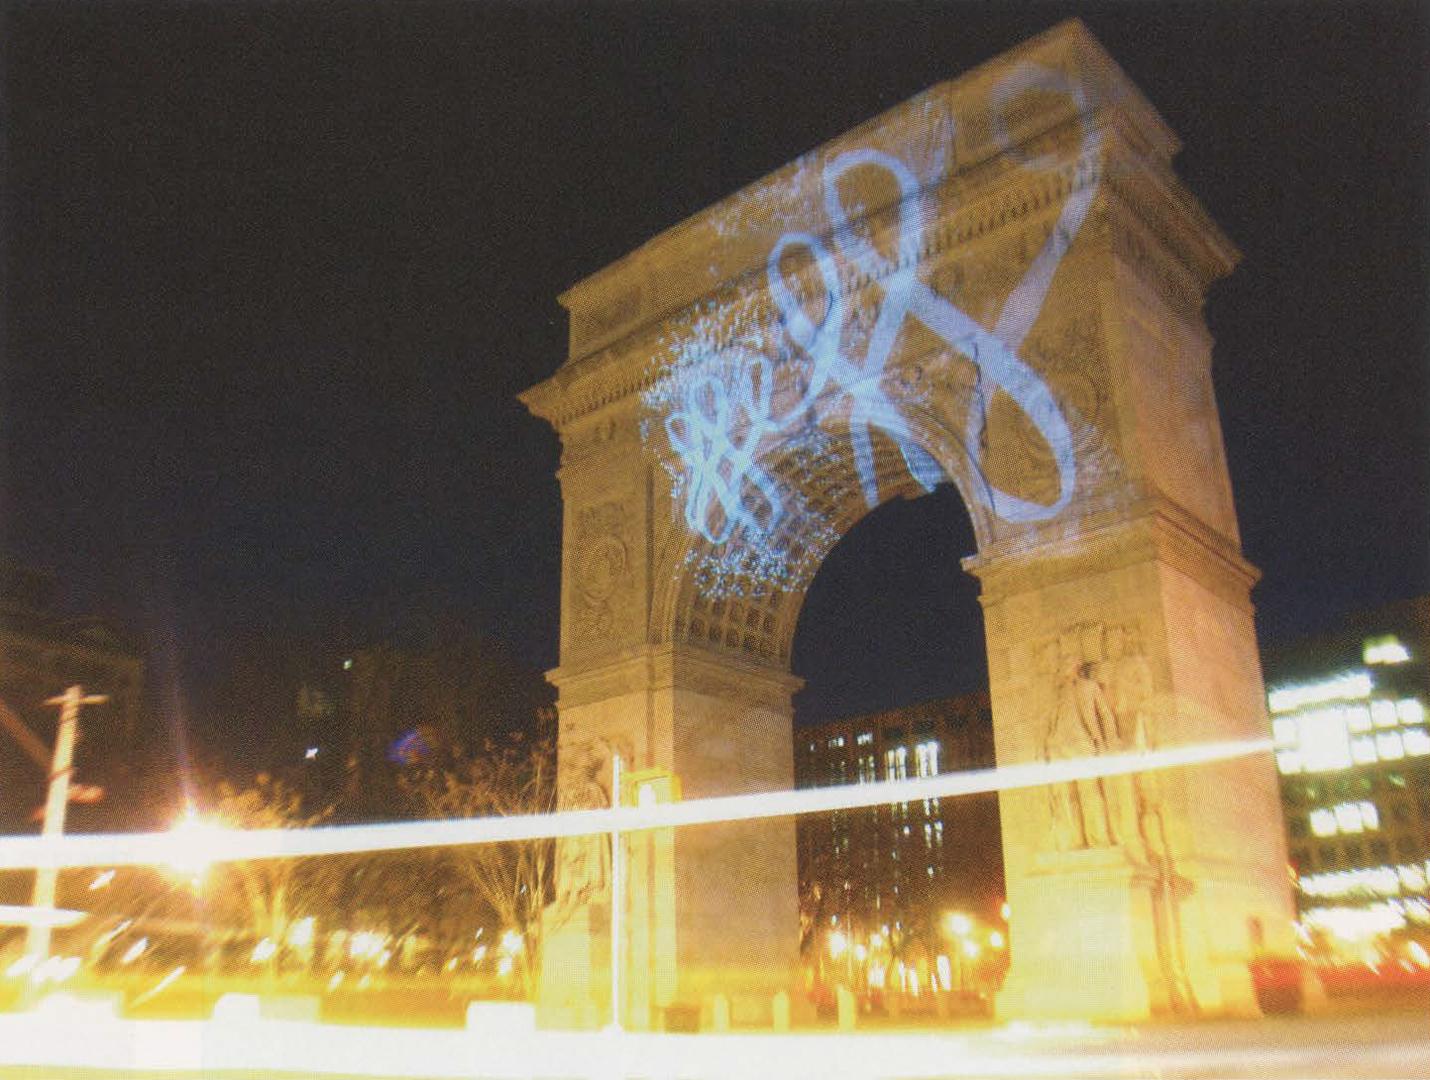 ©, fi5e, Graffiti Analysis